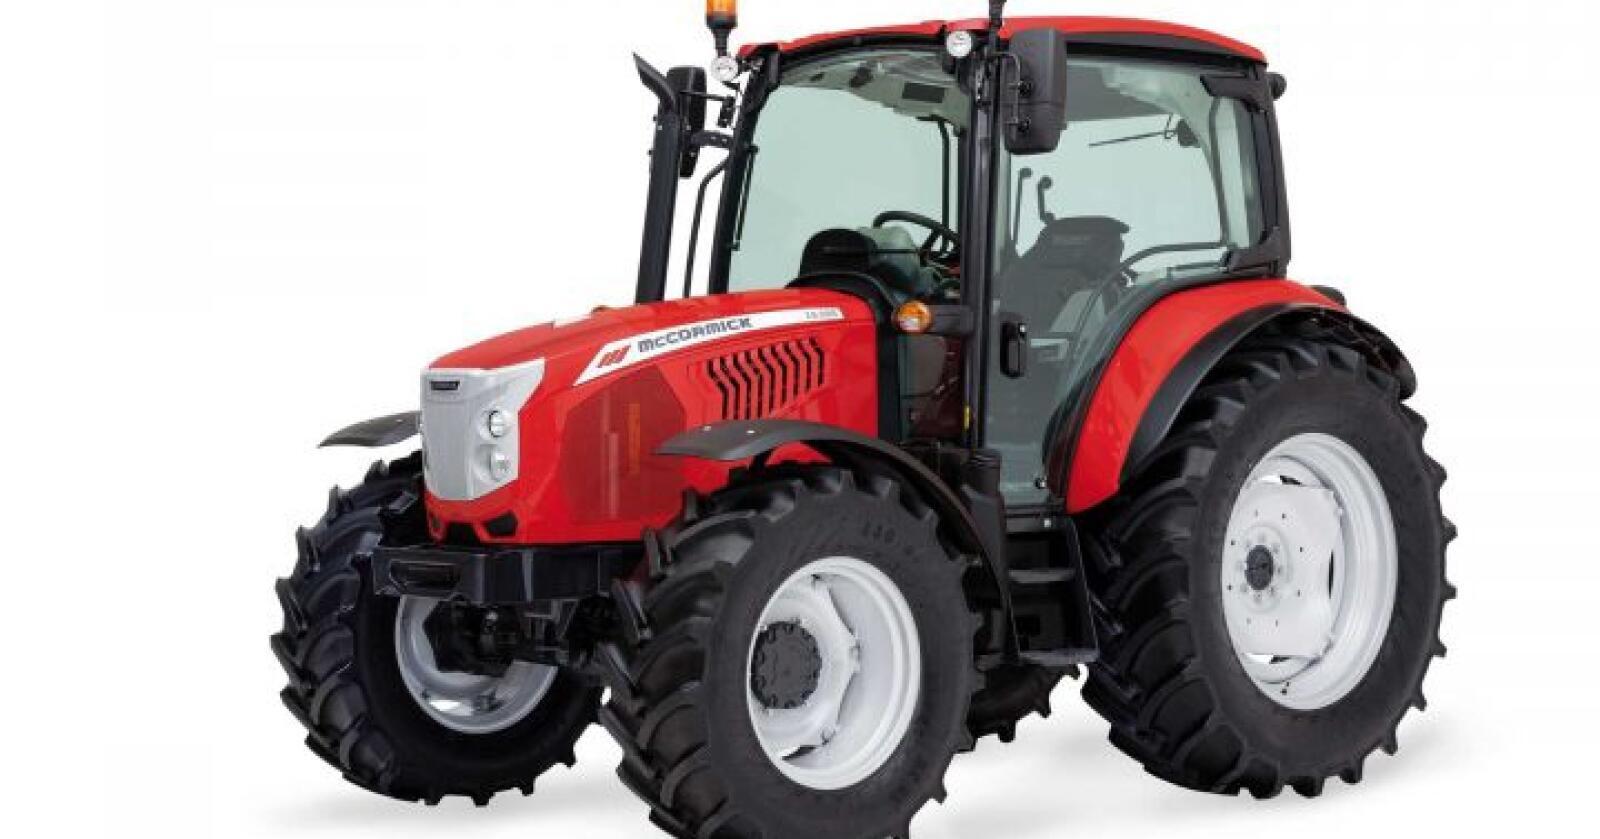 Italiensk: McCormick produseres av Argo Tractors S.p.A.  som er plassert mellom Modena og Parma i Nord-Italia